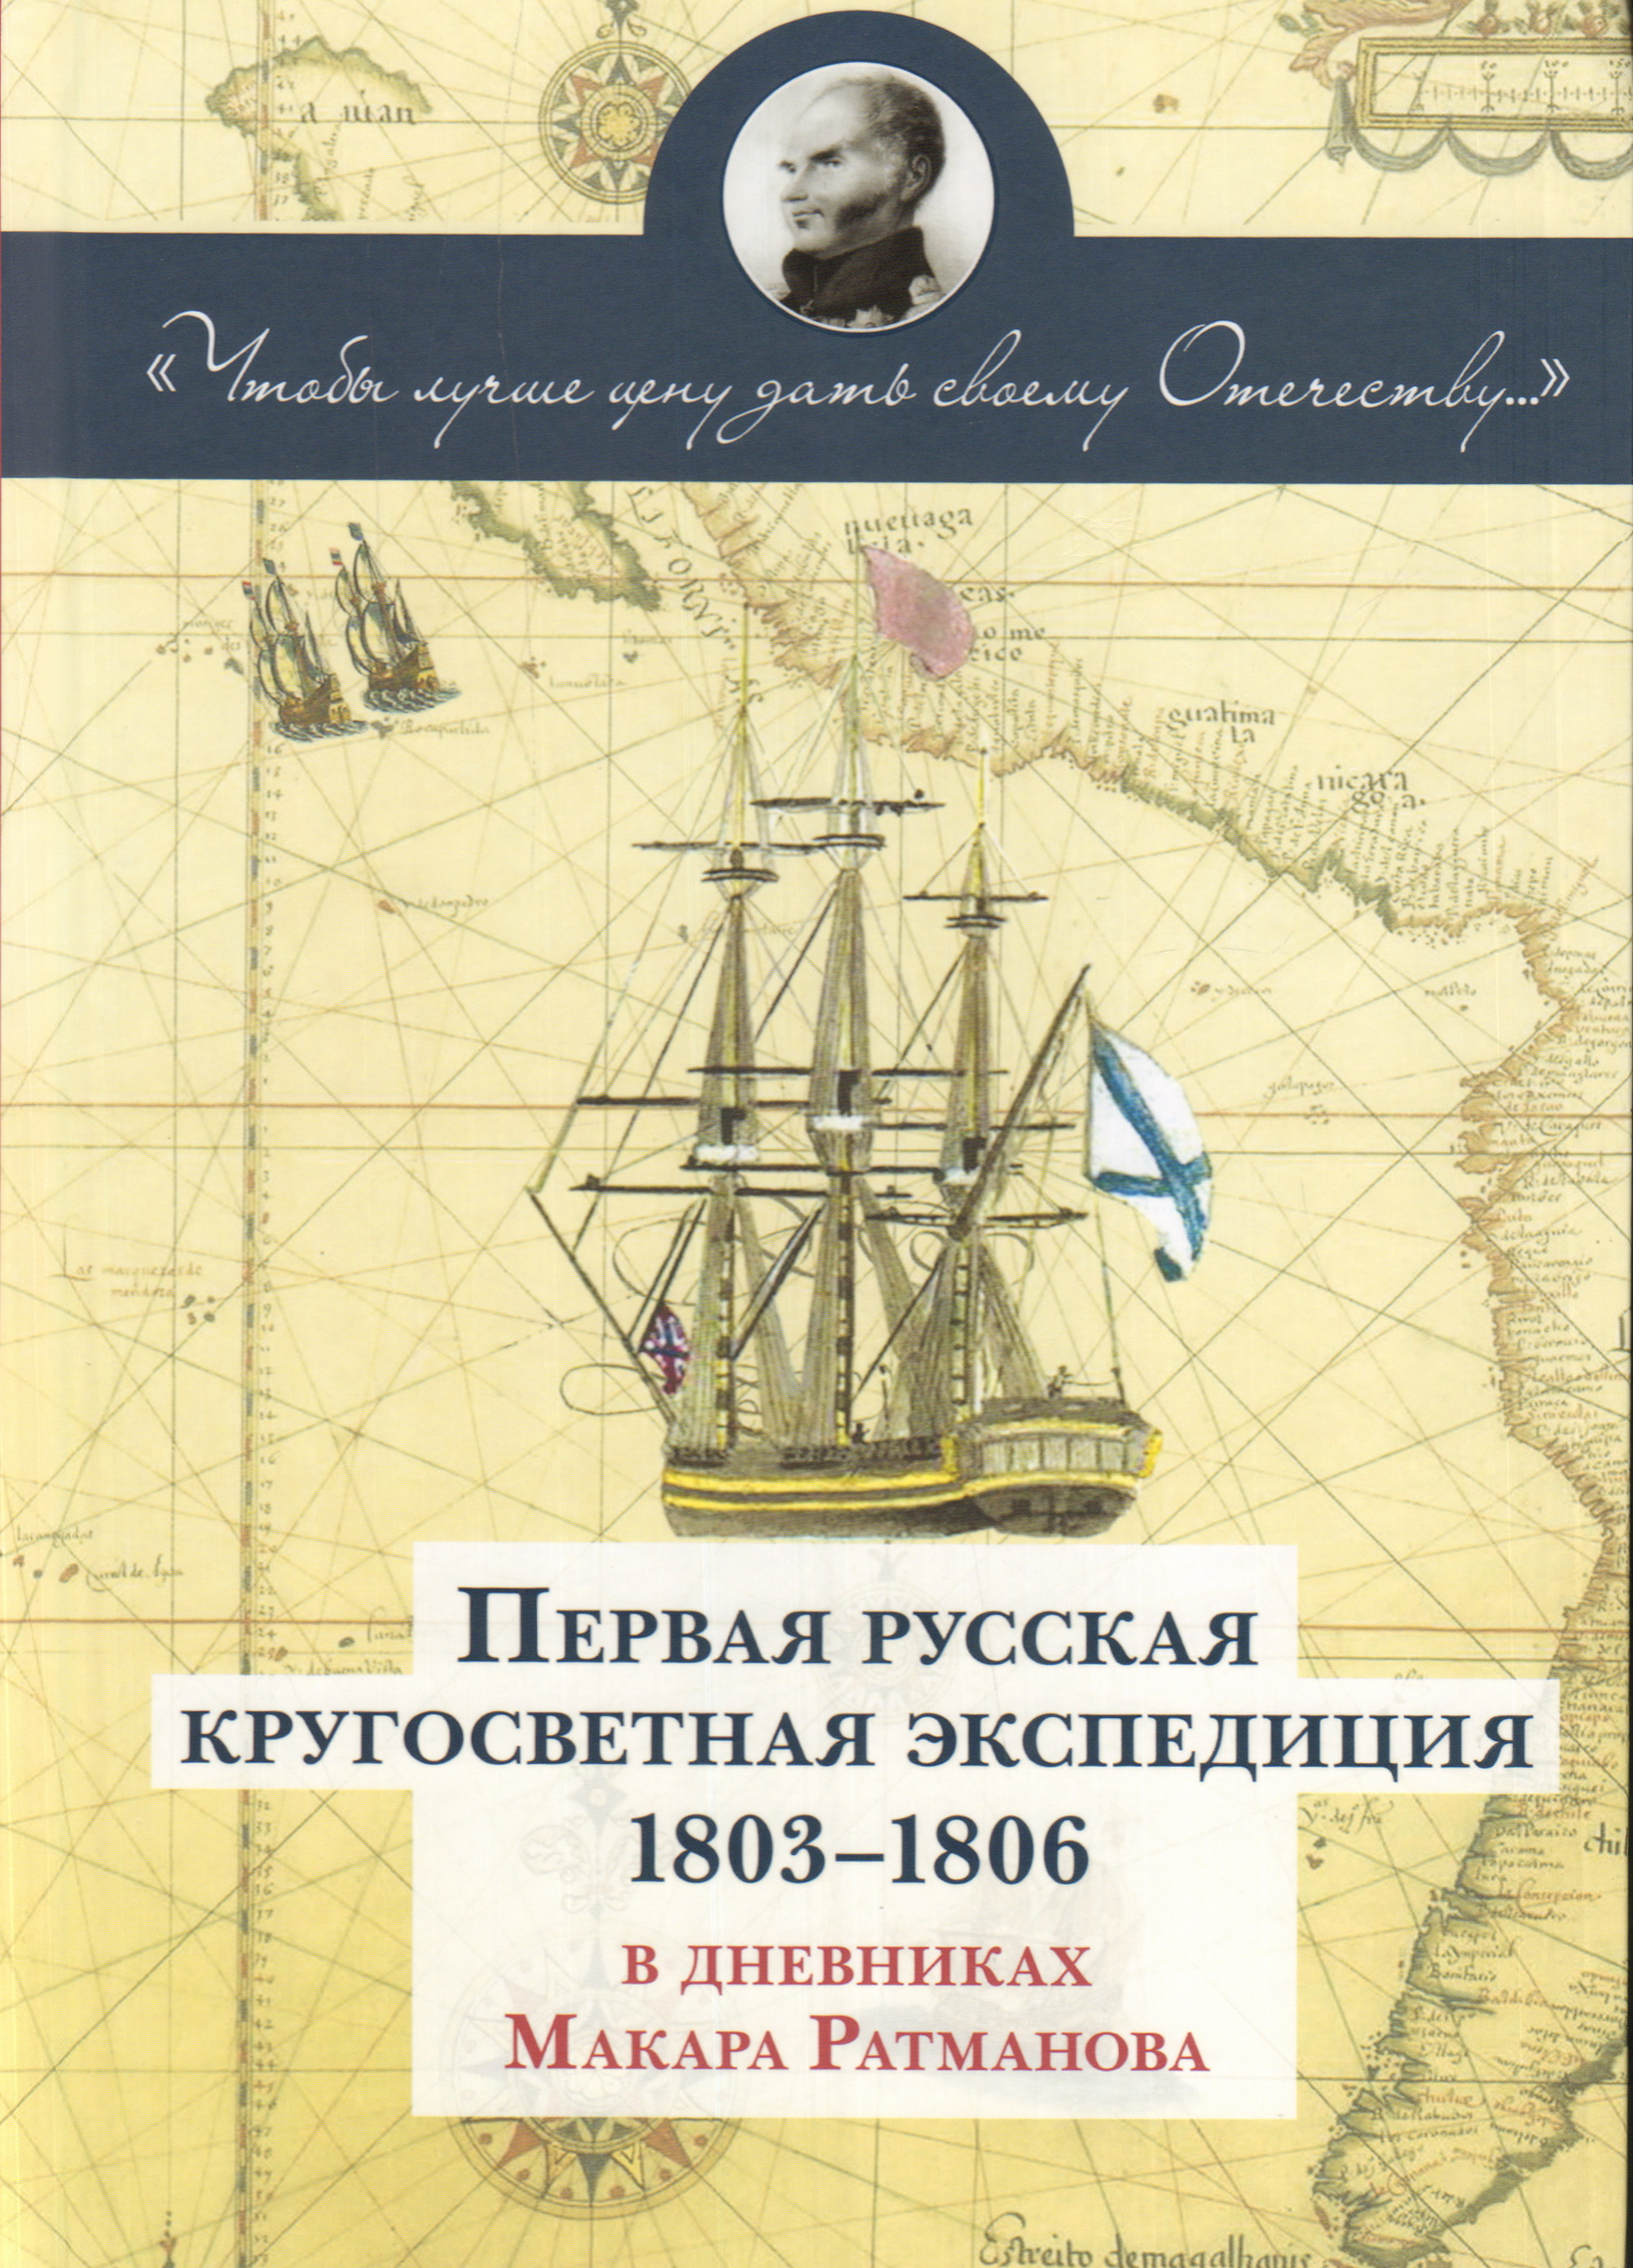 Первая русская кругосветная экспедиция 1803-1806 в дневниках Макара Ратманова